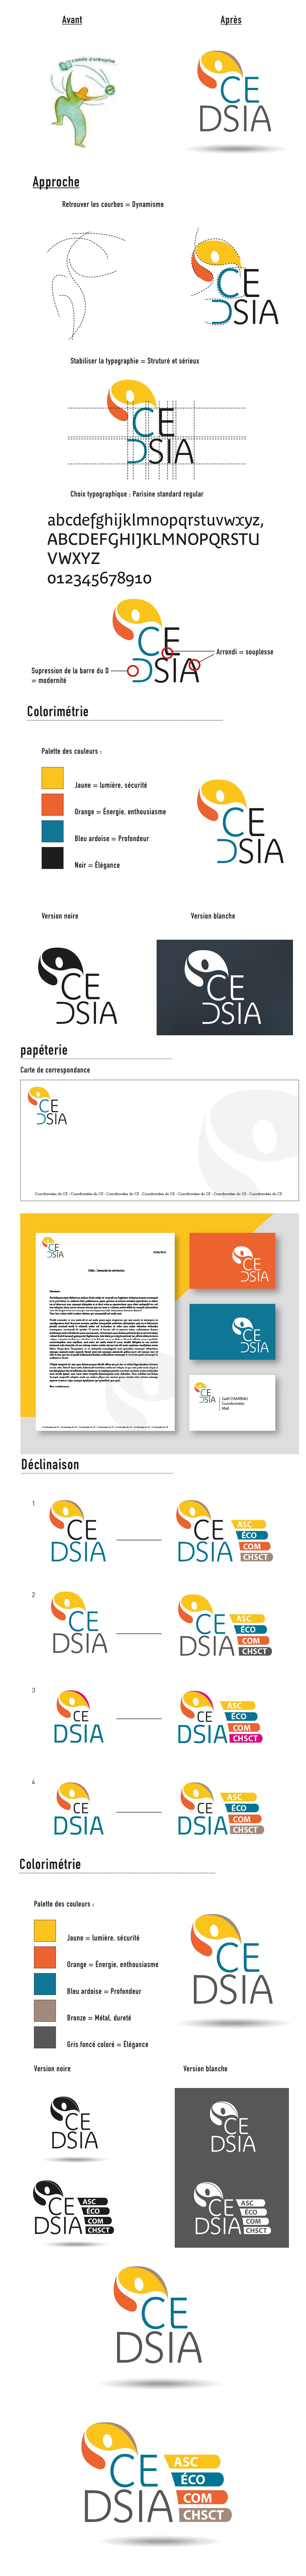 CE_DSIA copie